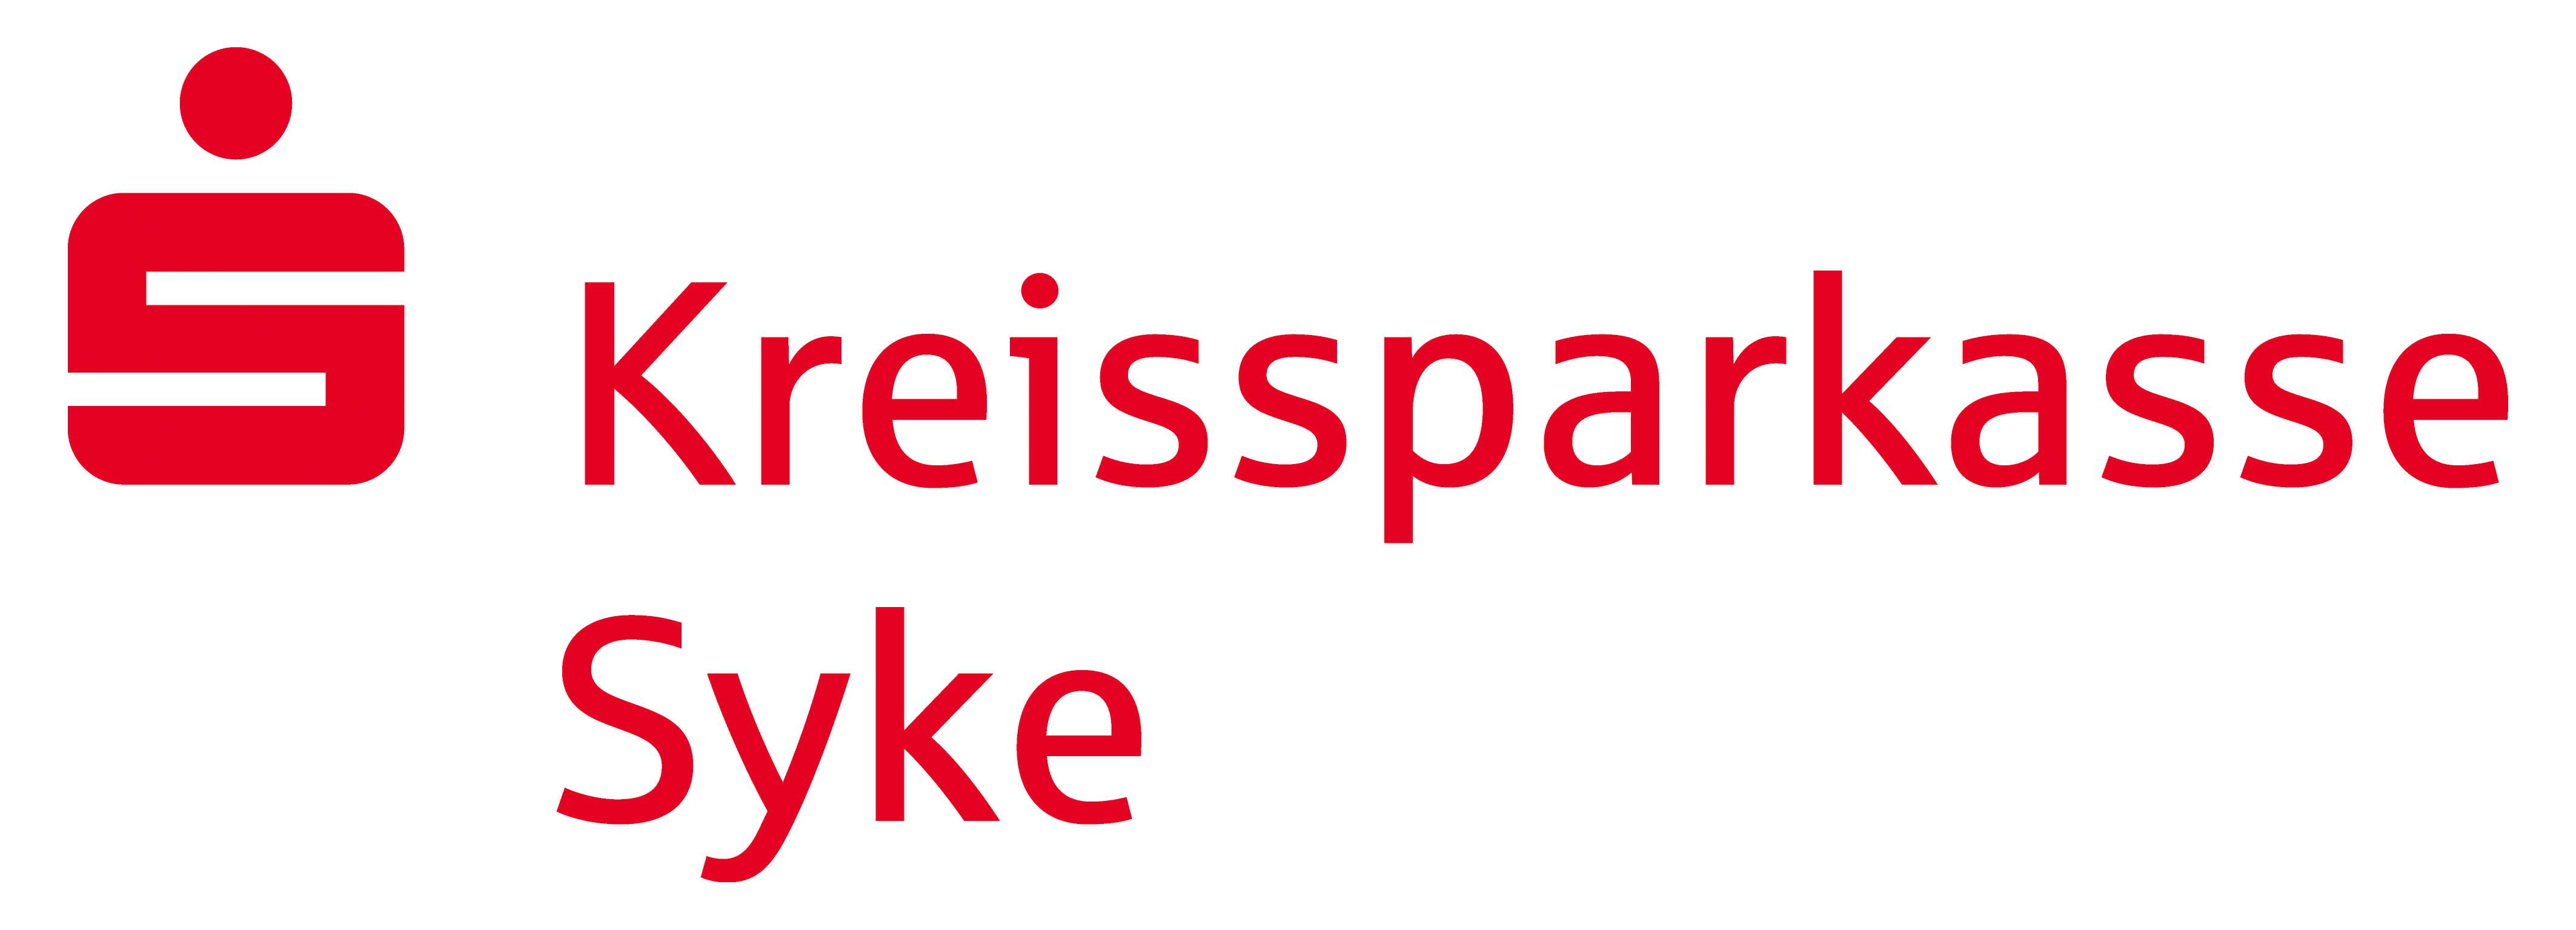 Kreissparkasse Syke